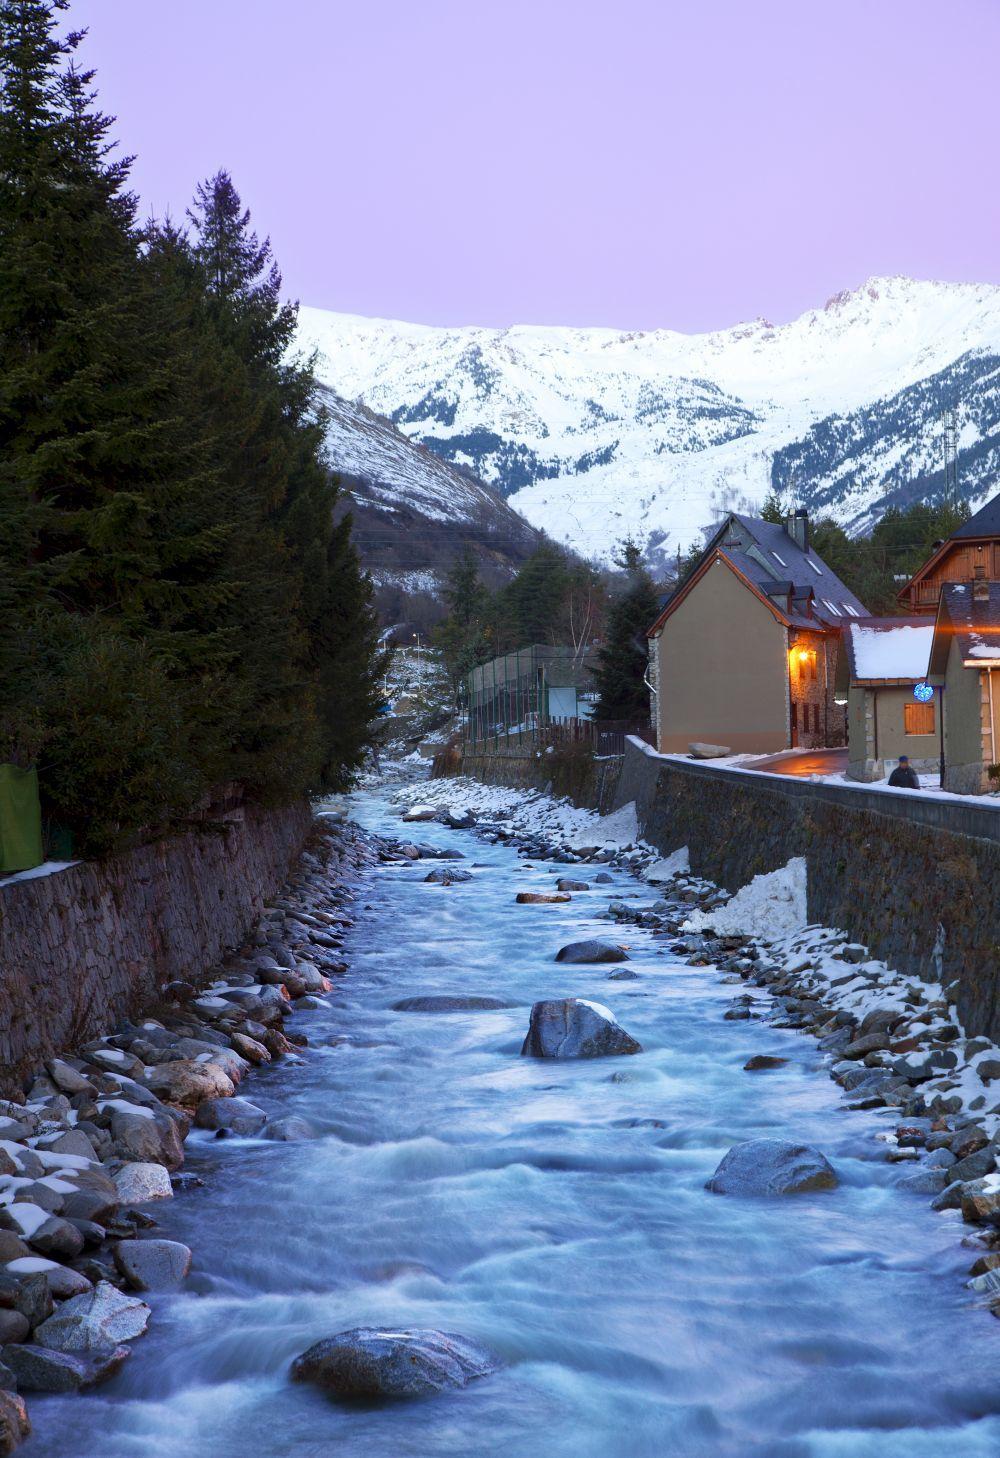 Baqueira se caracteriza por sus casas junto al río de Artié.